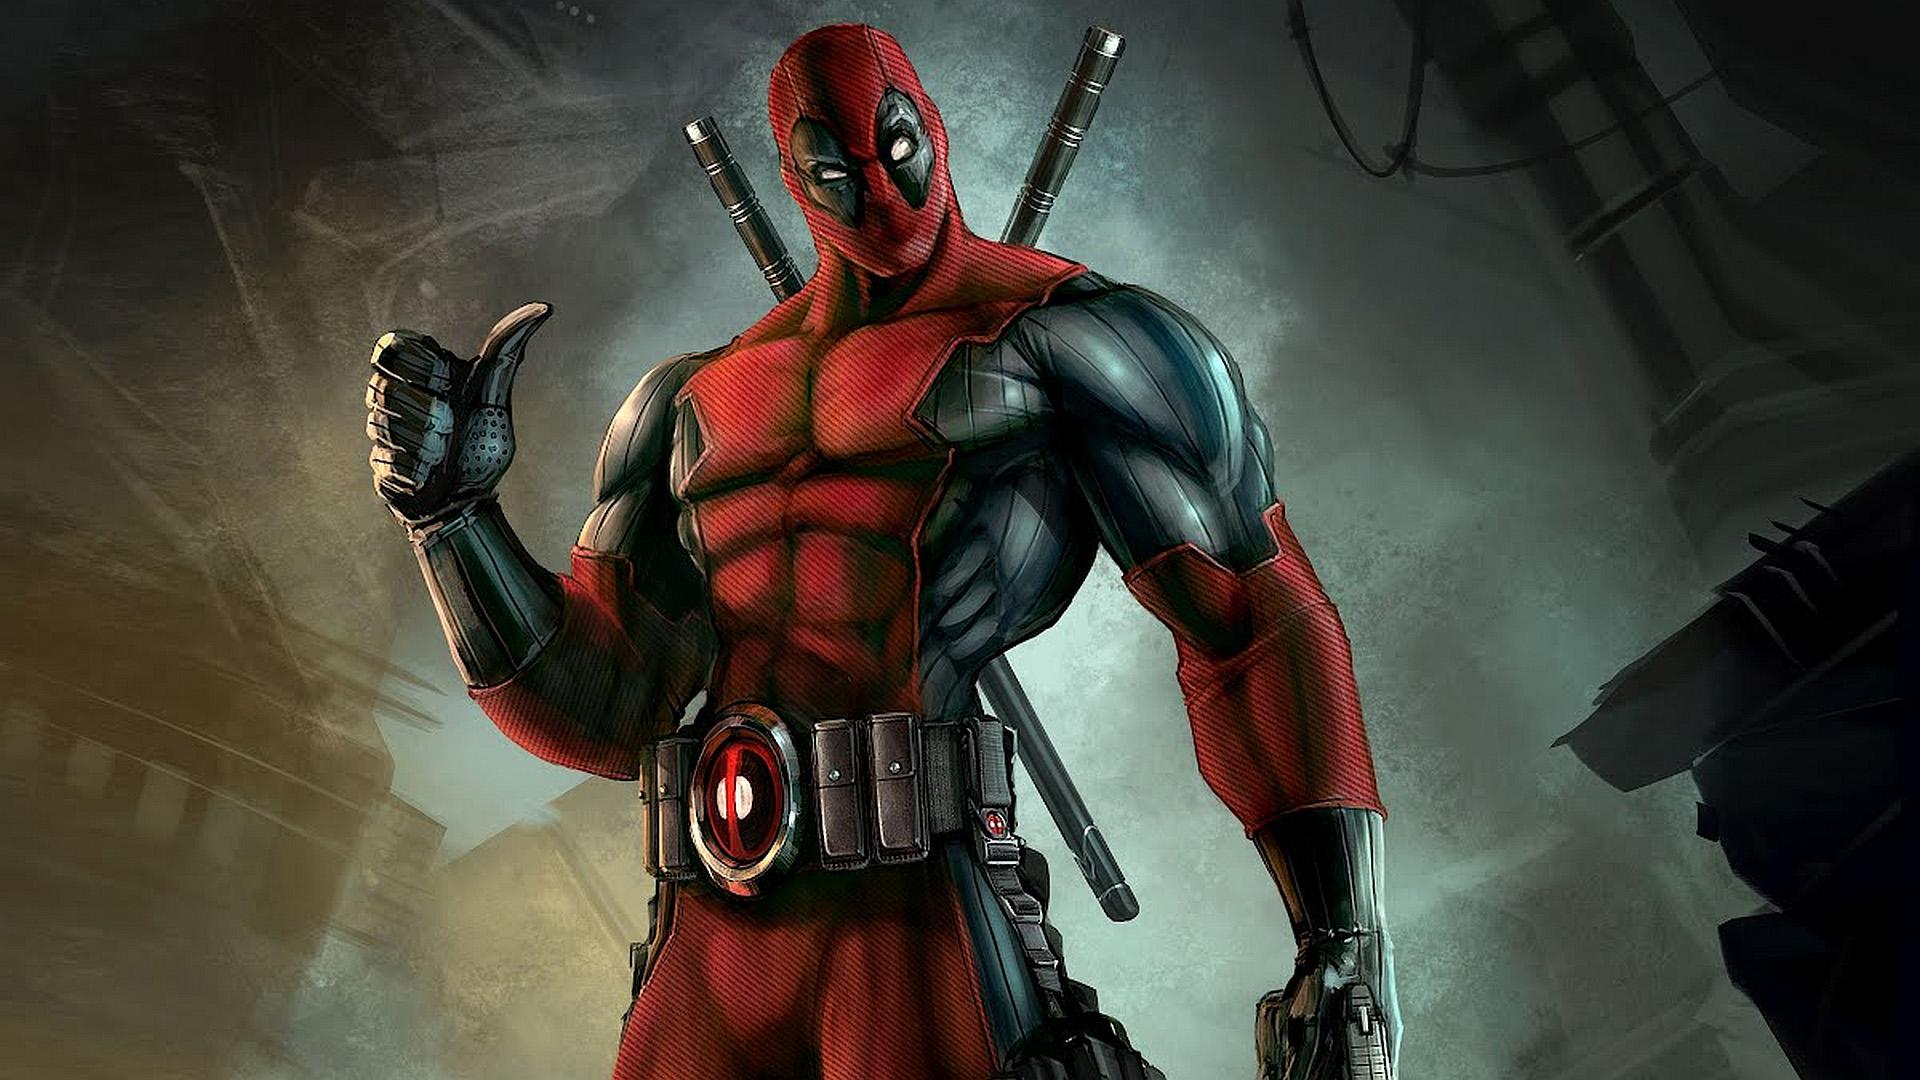 Wallpapers En Hd: Deadpool Fond D'écran Hd HD